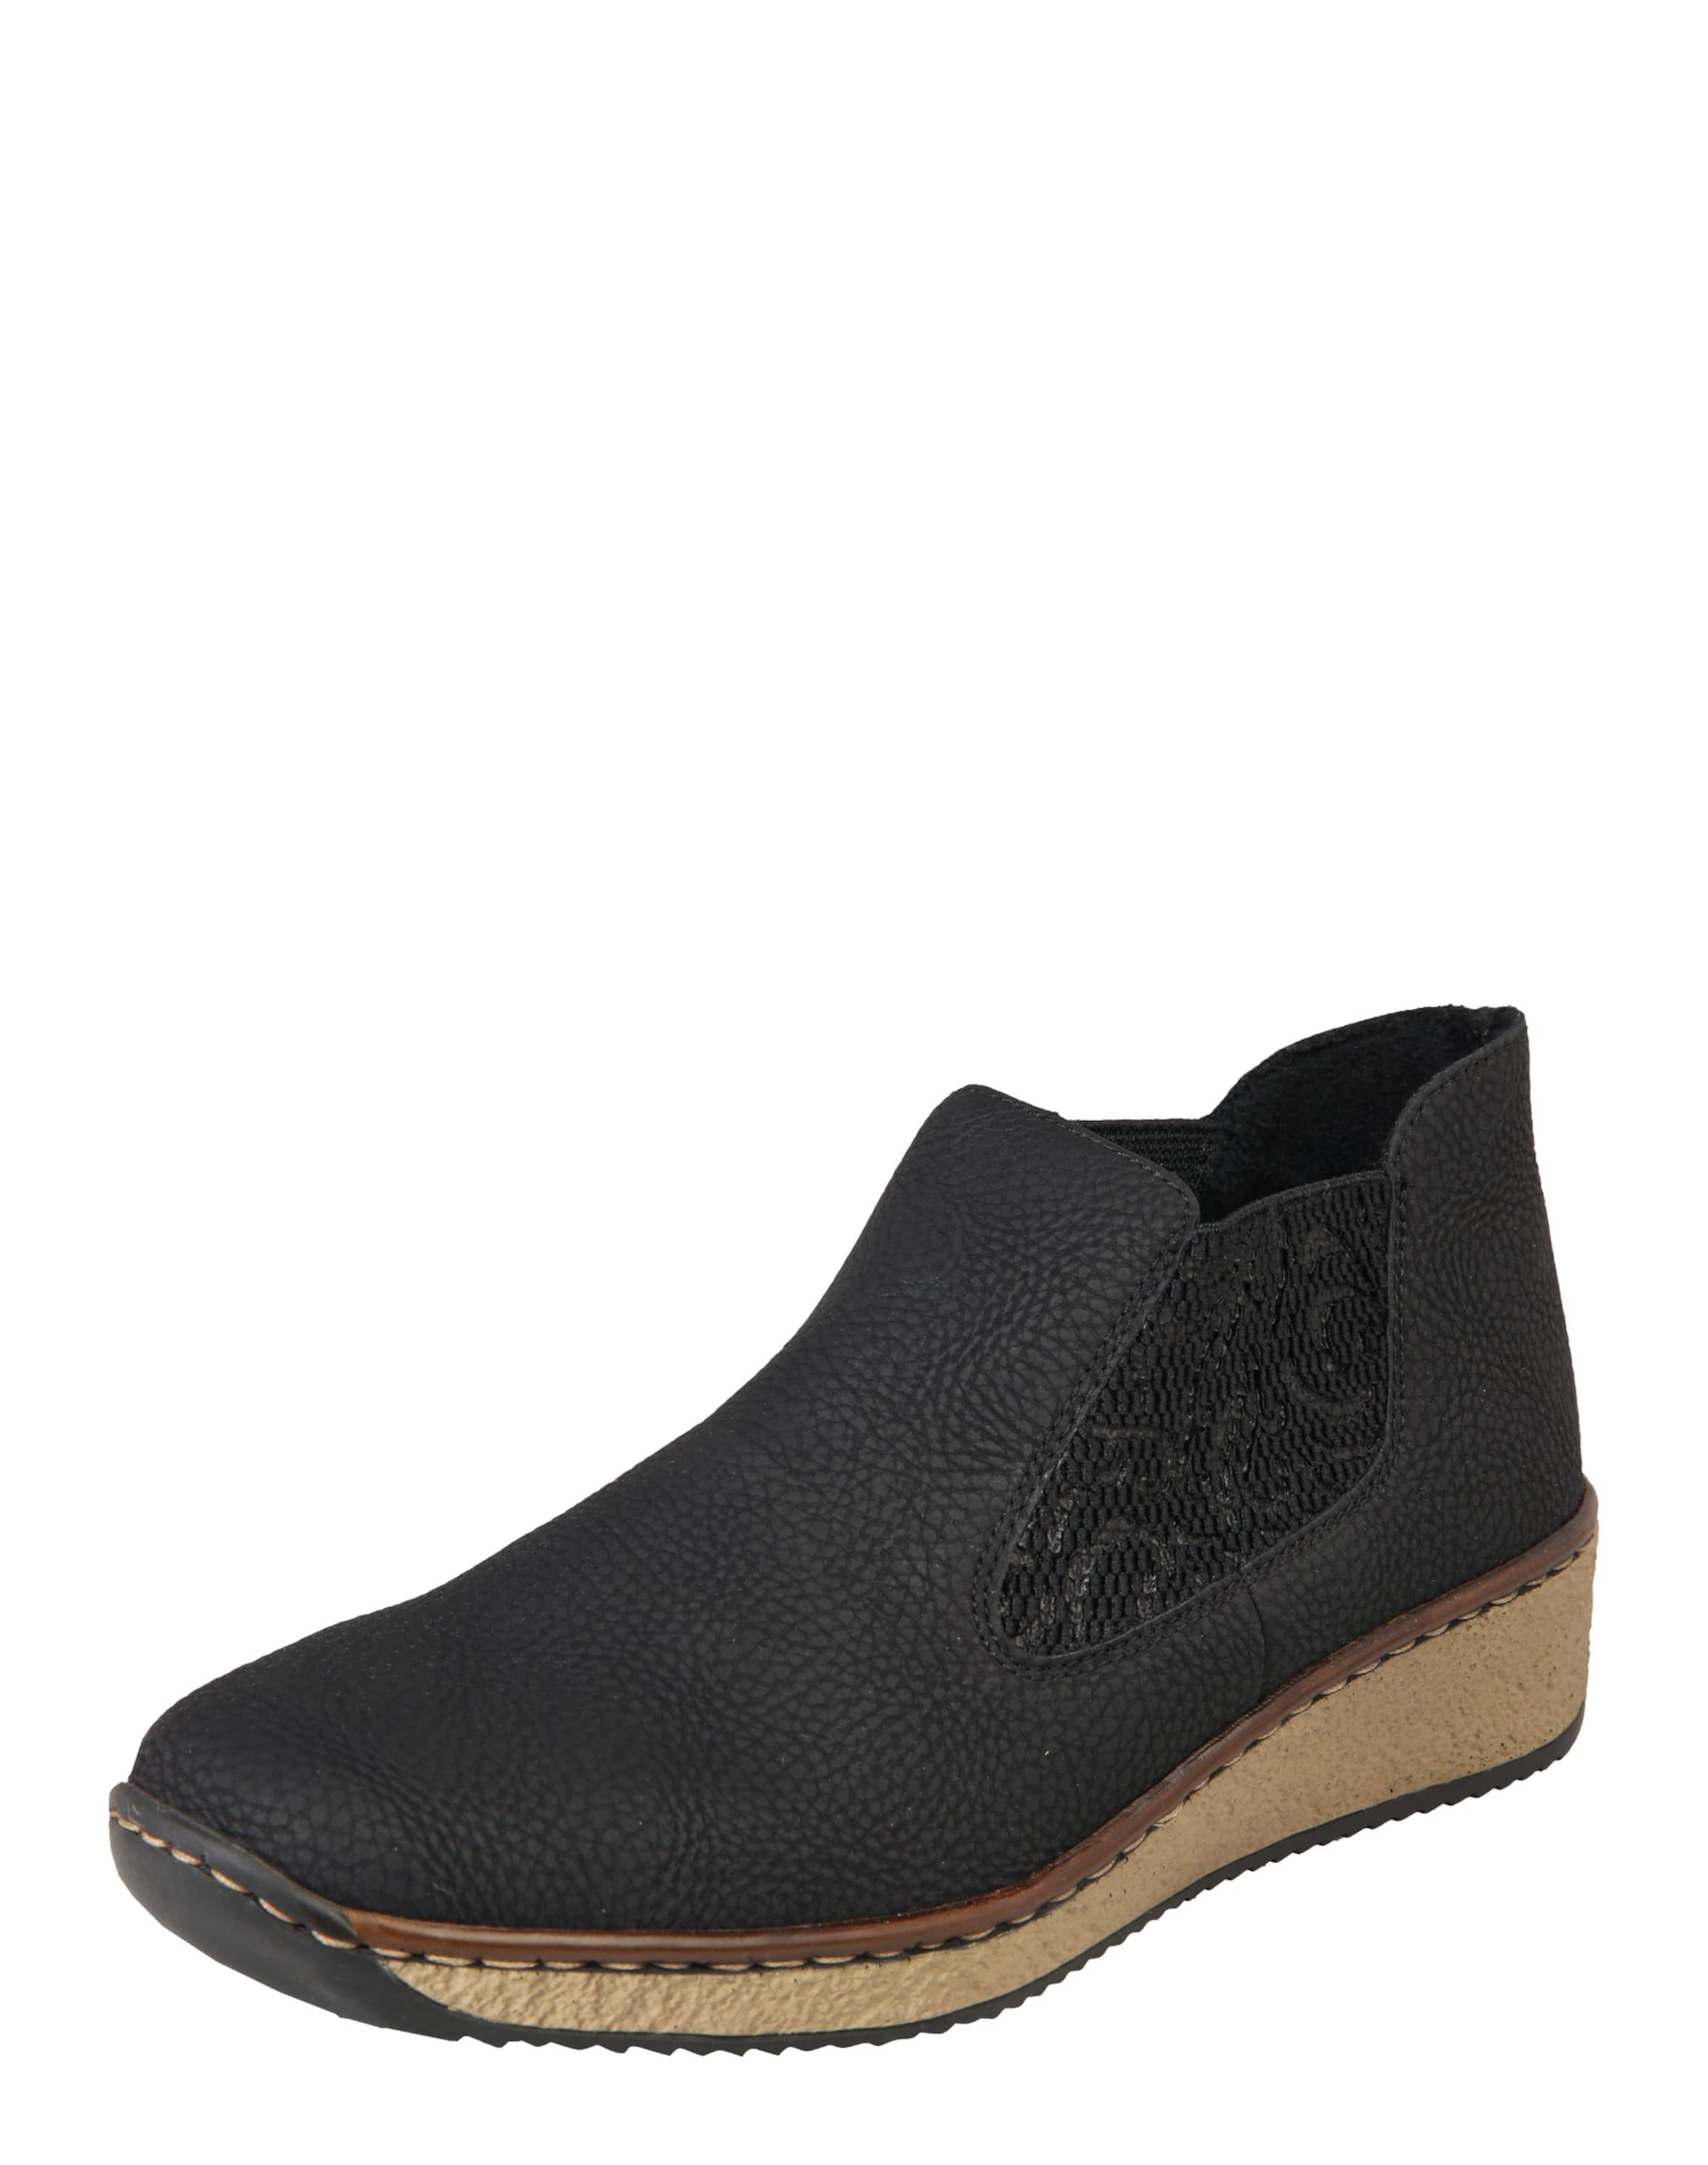 RIEKER Slipper mit Plateausohle Verschleißfeste billige Schuhe